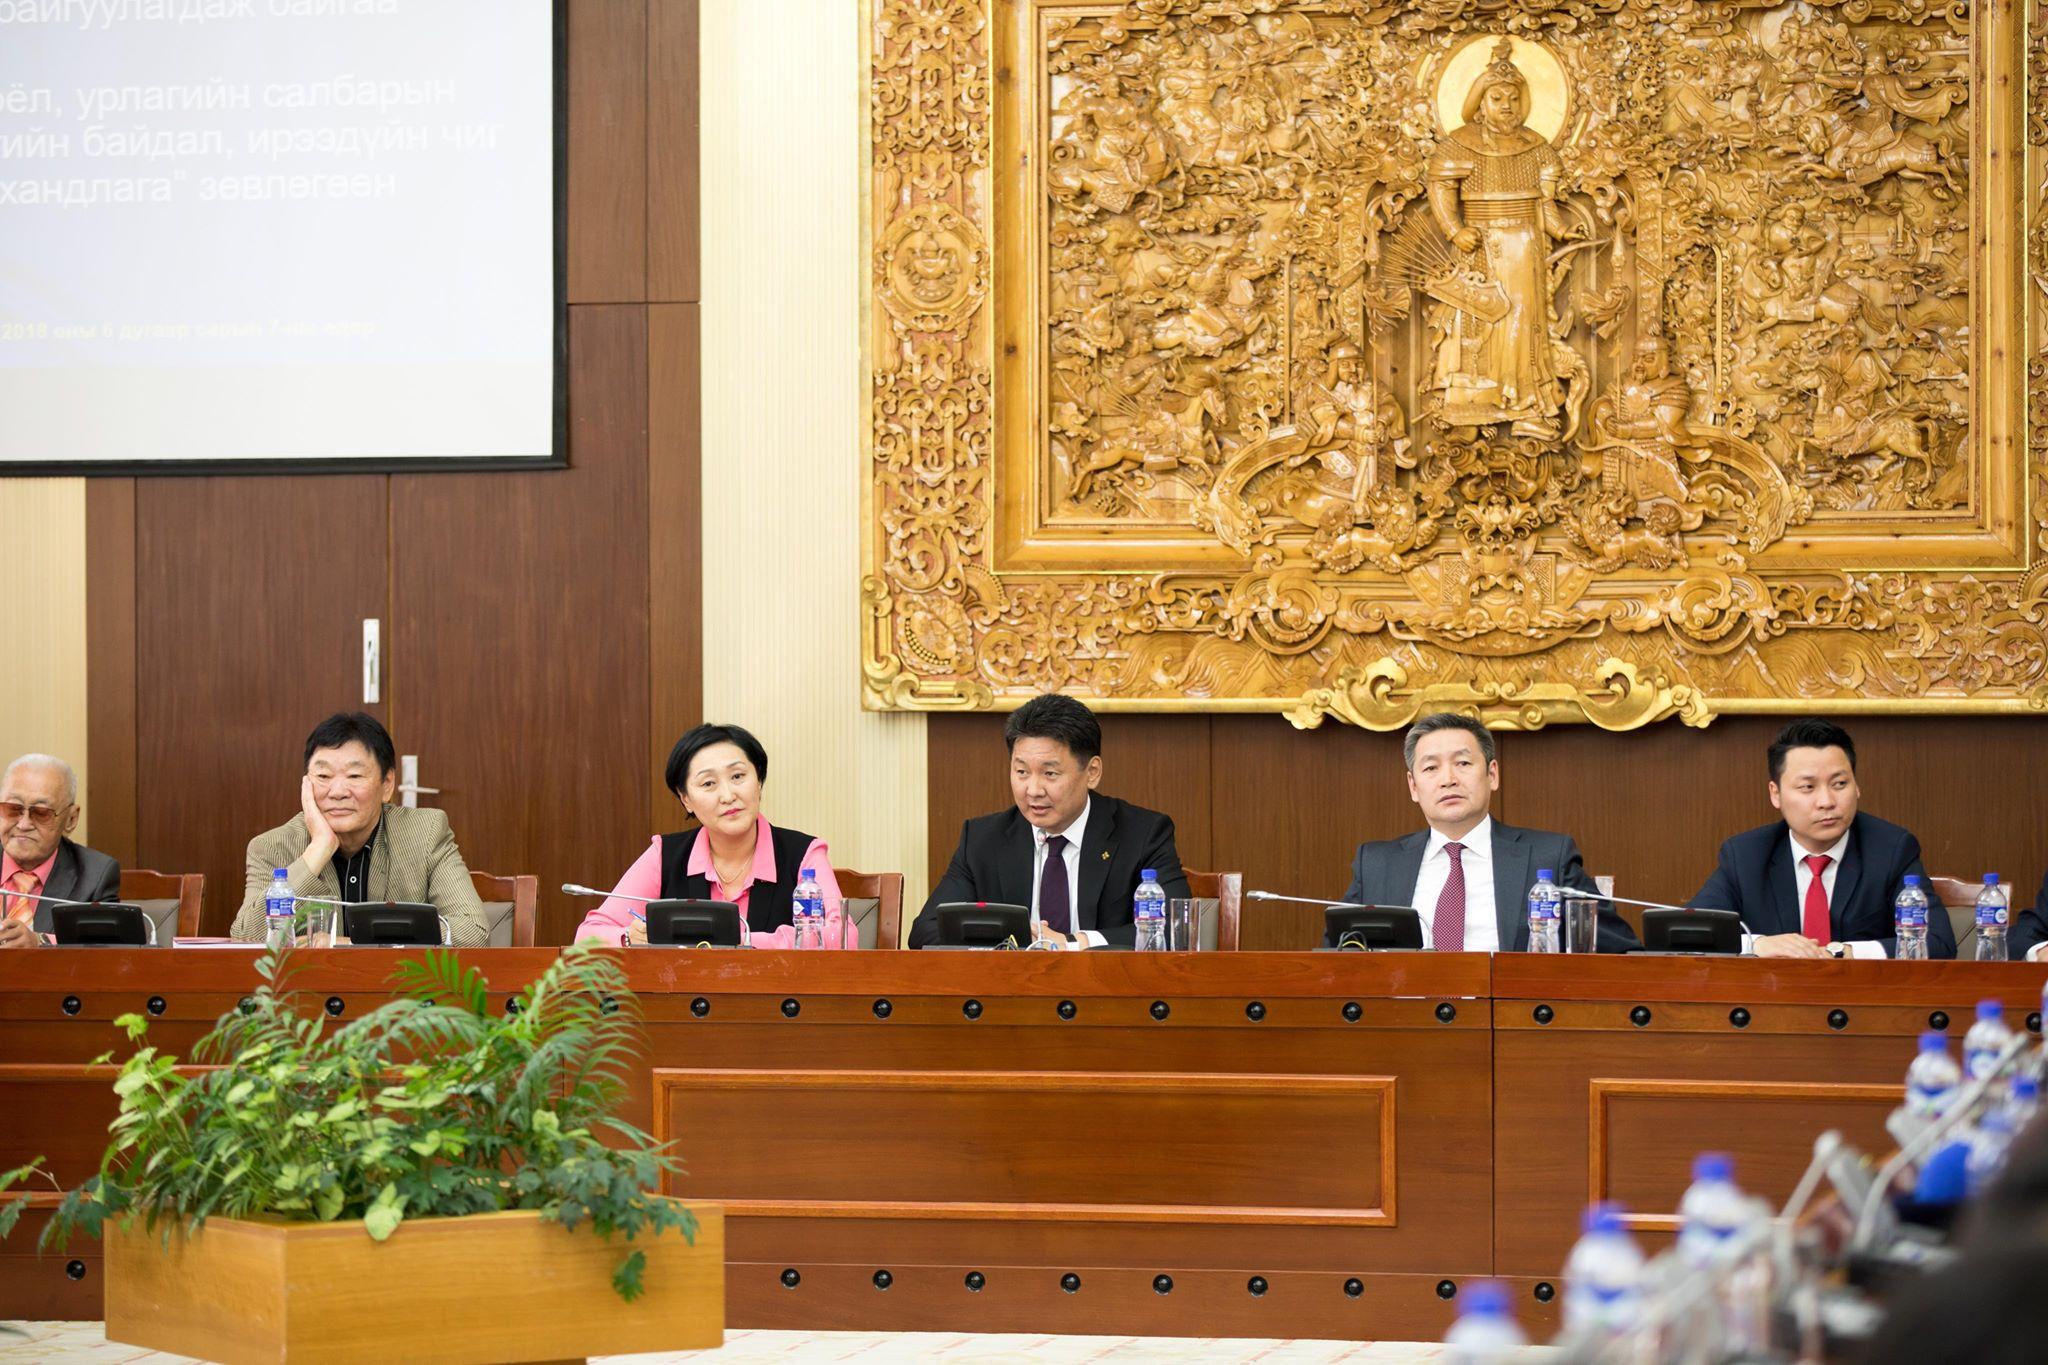 """Монгол Улсын Ерөнхий сайдын дэргэд """"Соёл, урлагийн үндэсний зөвлөл"""" байгуулахаар боллоо"""